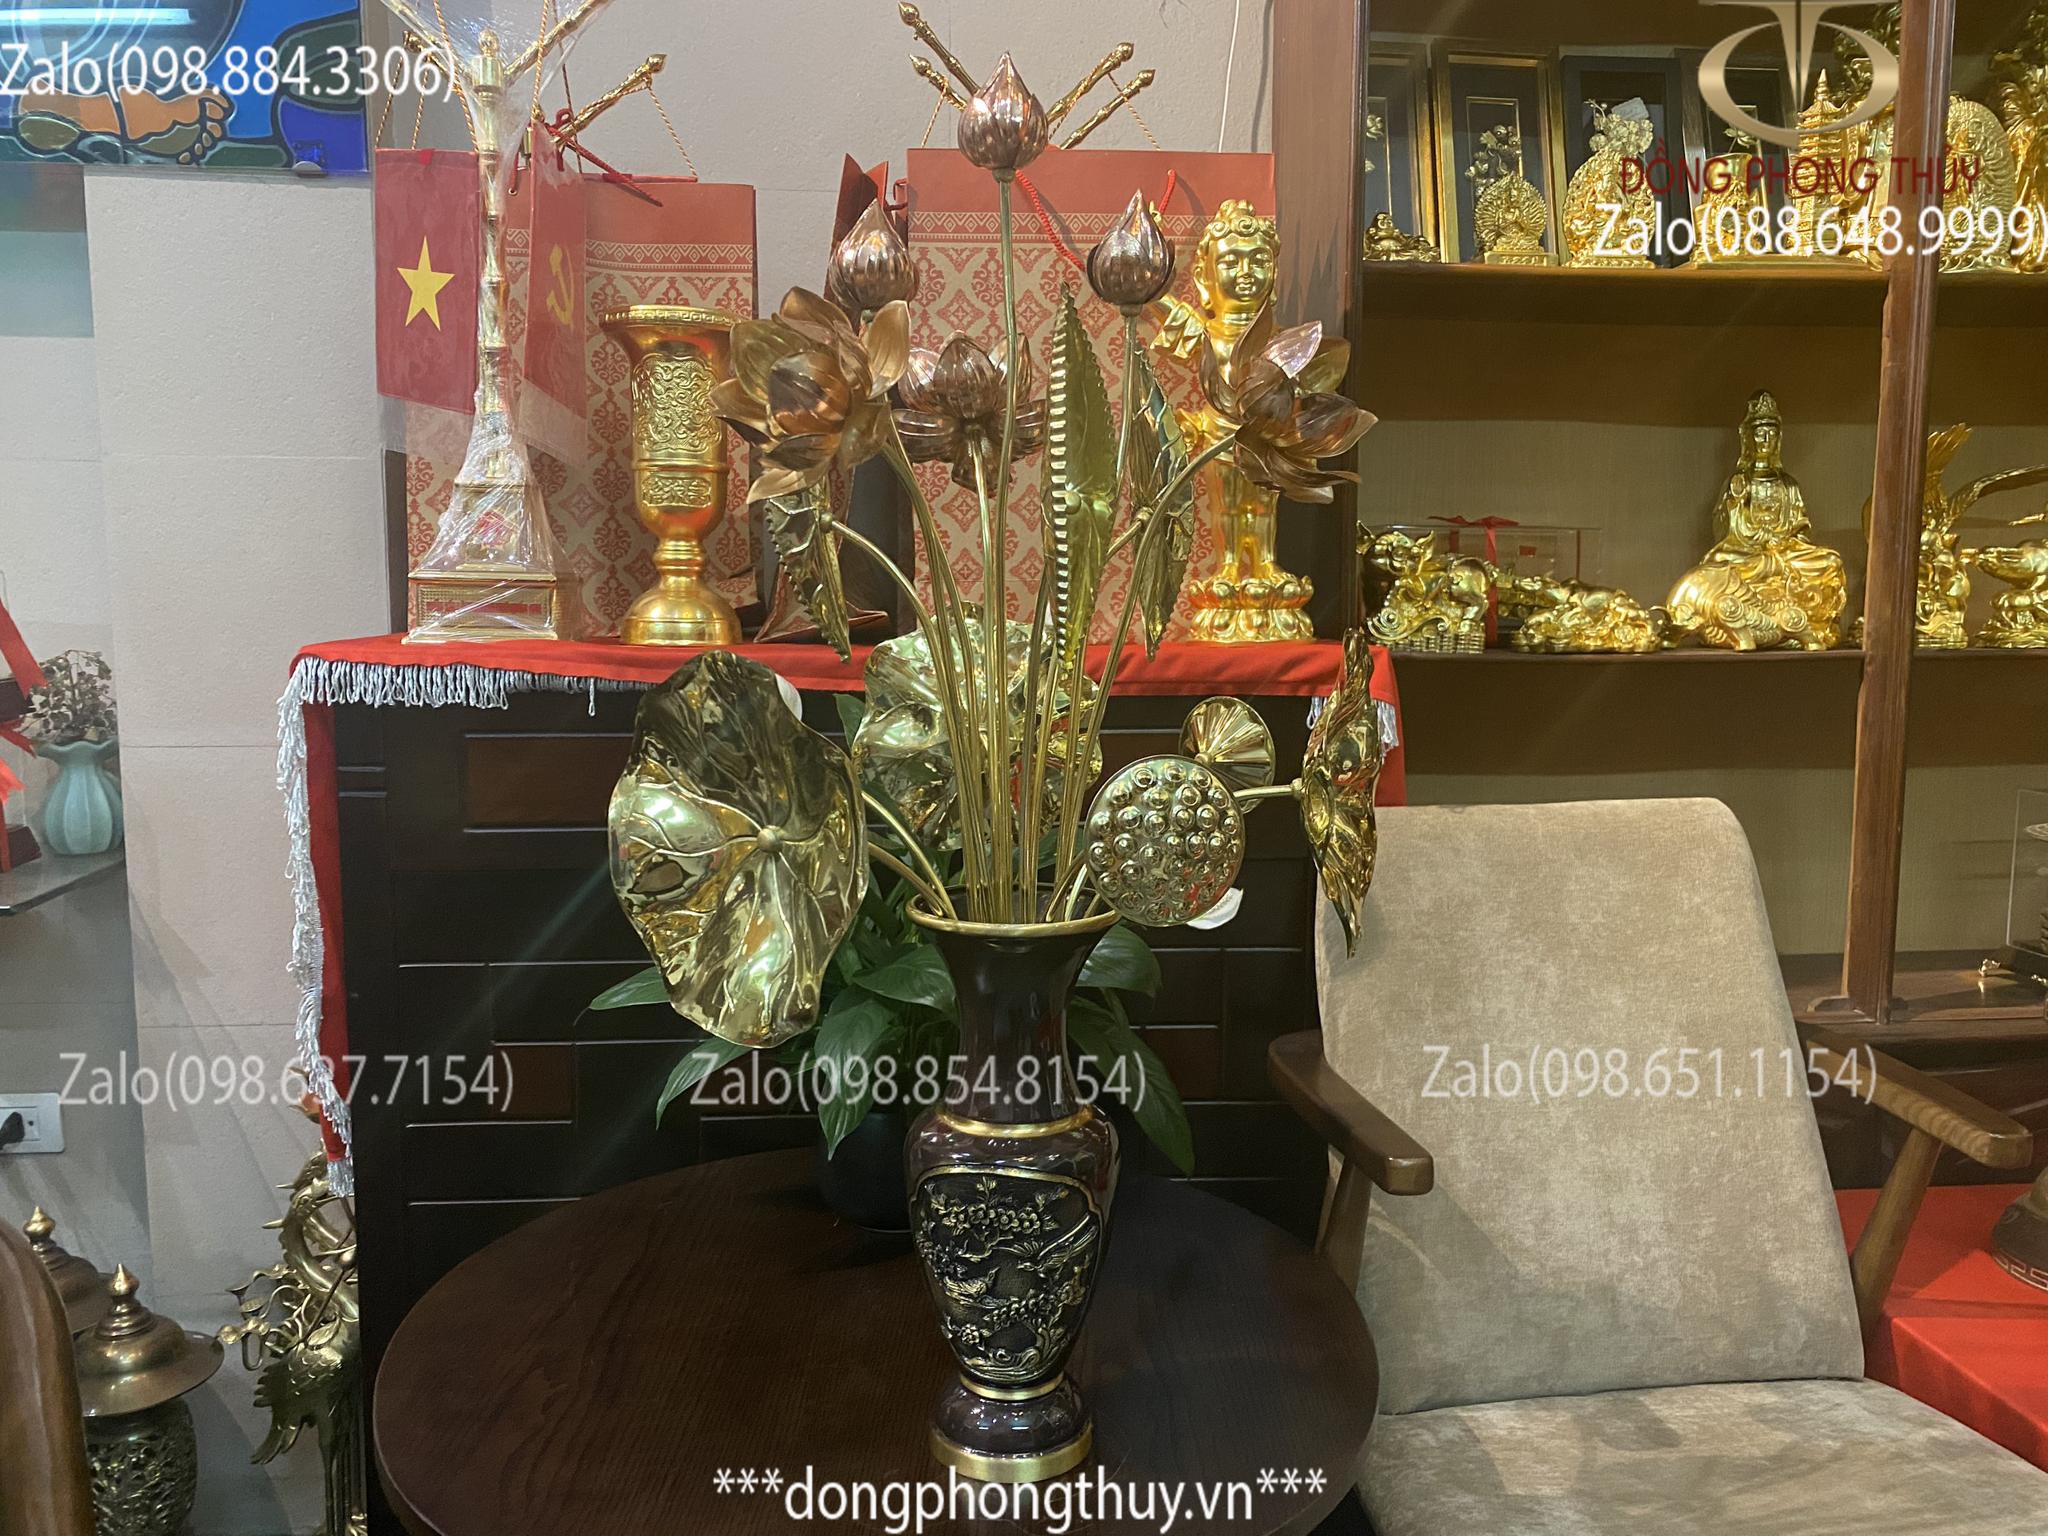 Lục bình 30cm tím đậm và bó hoa sen đồng 15 cành 70cm